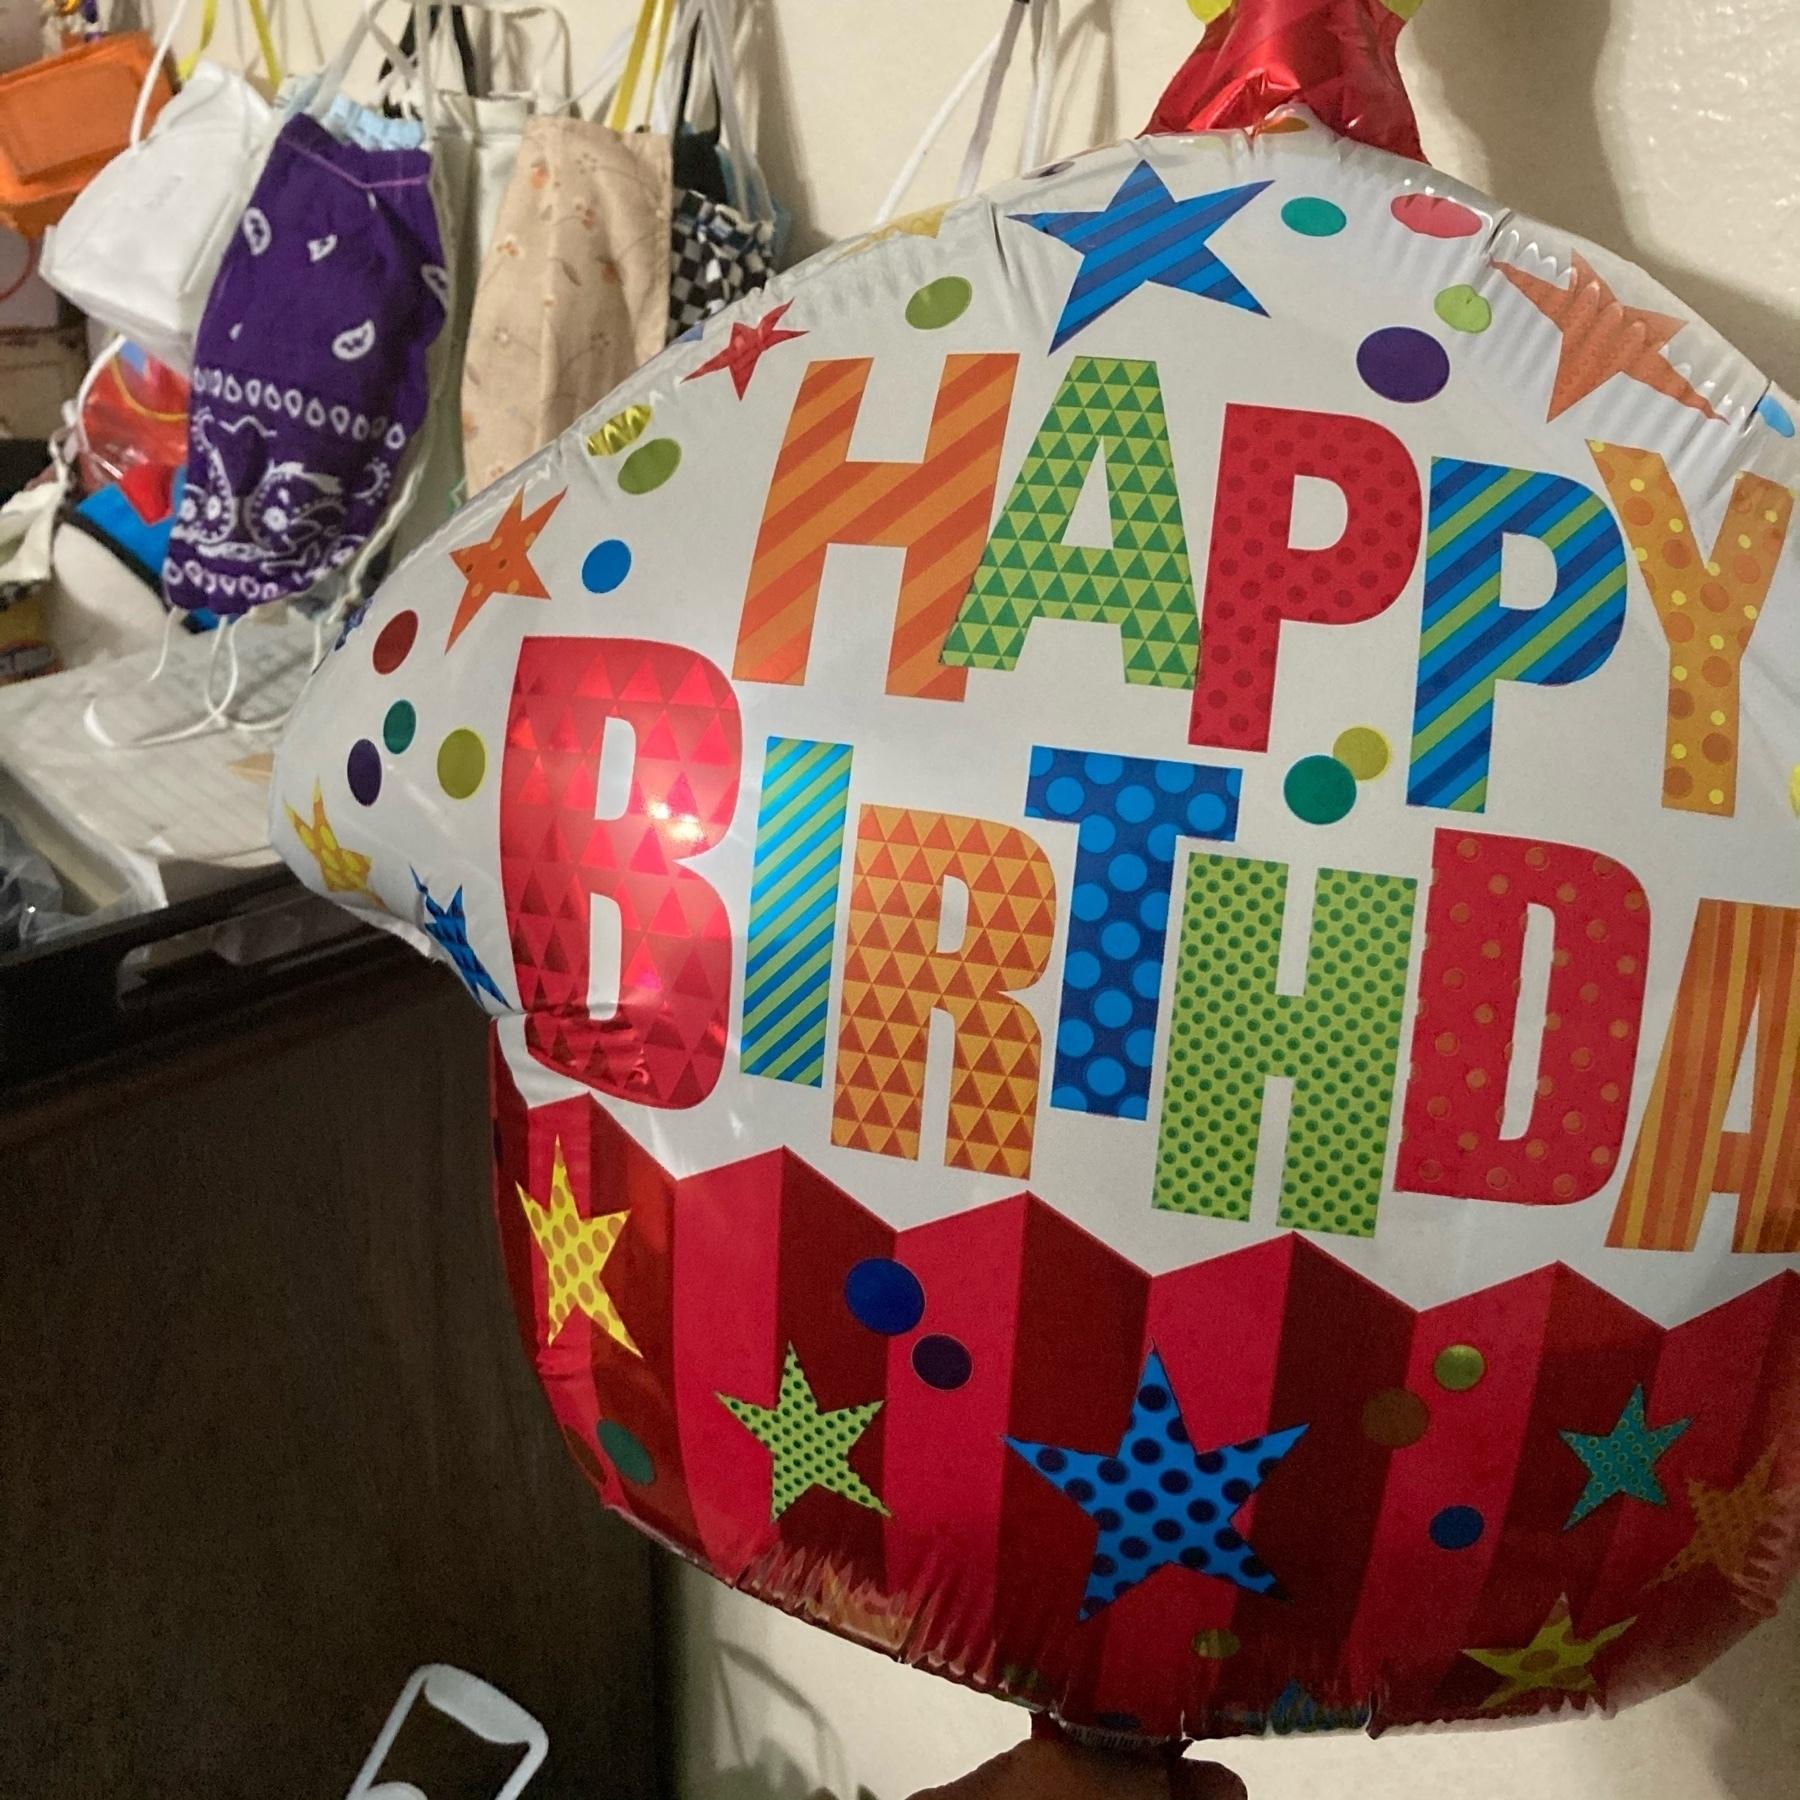 Birthday ballon next to masks.